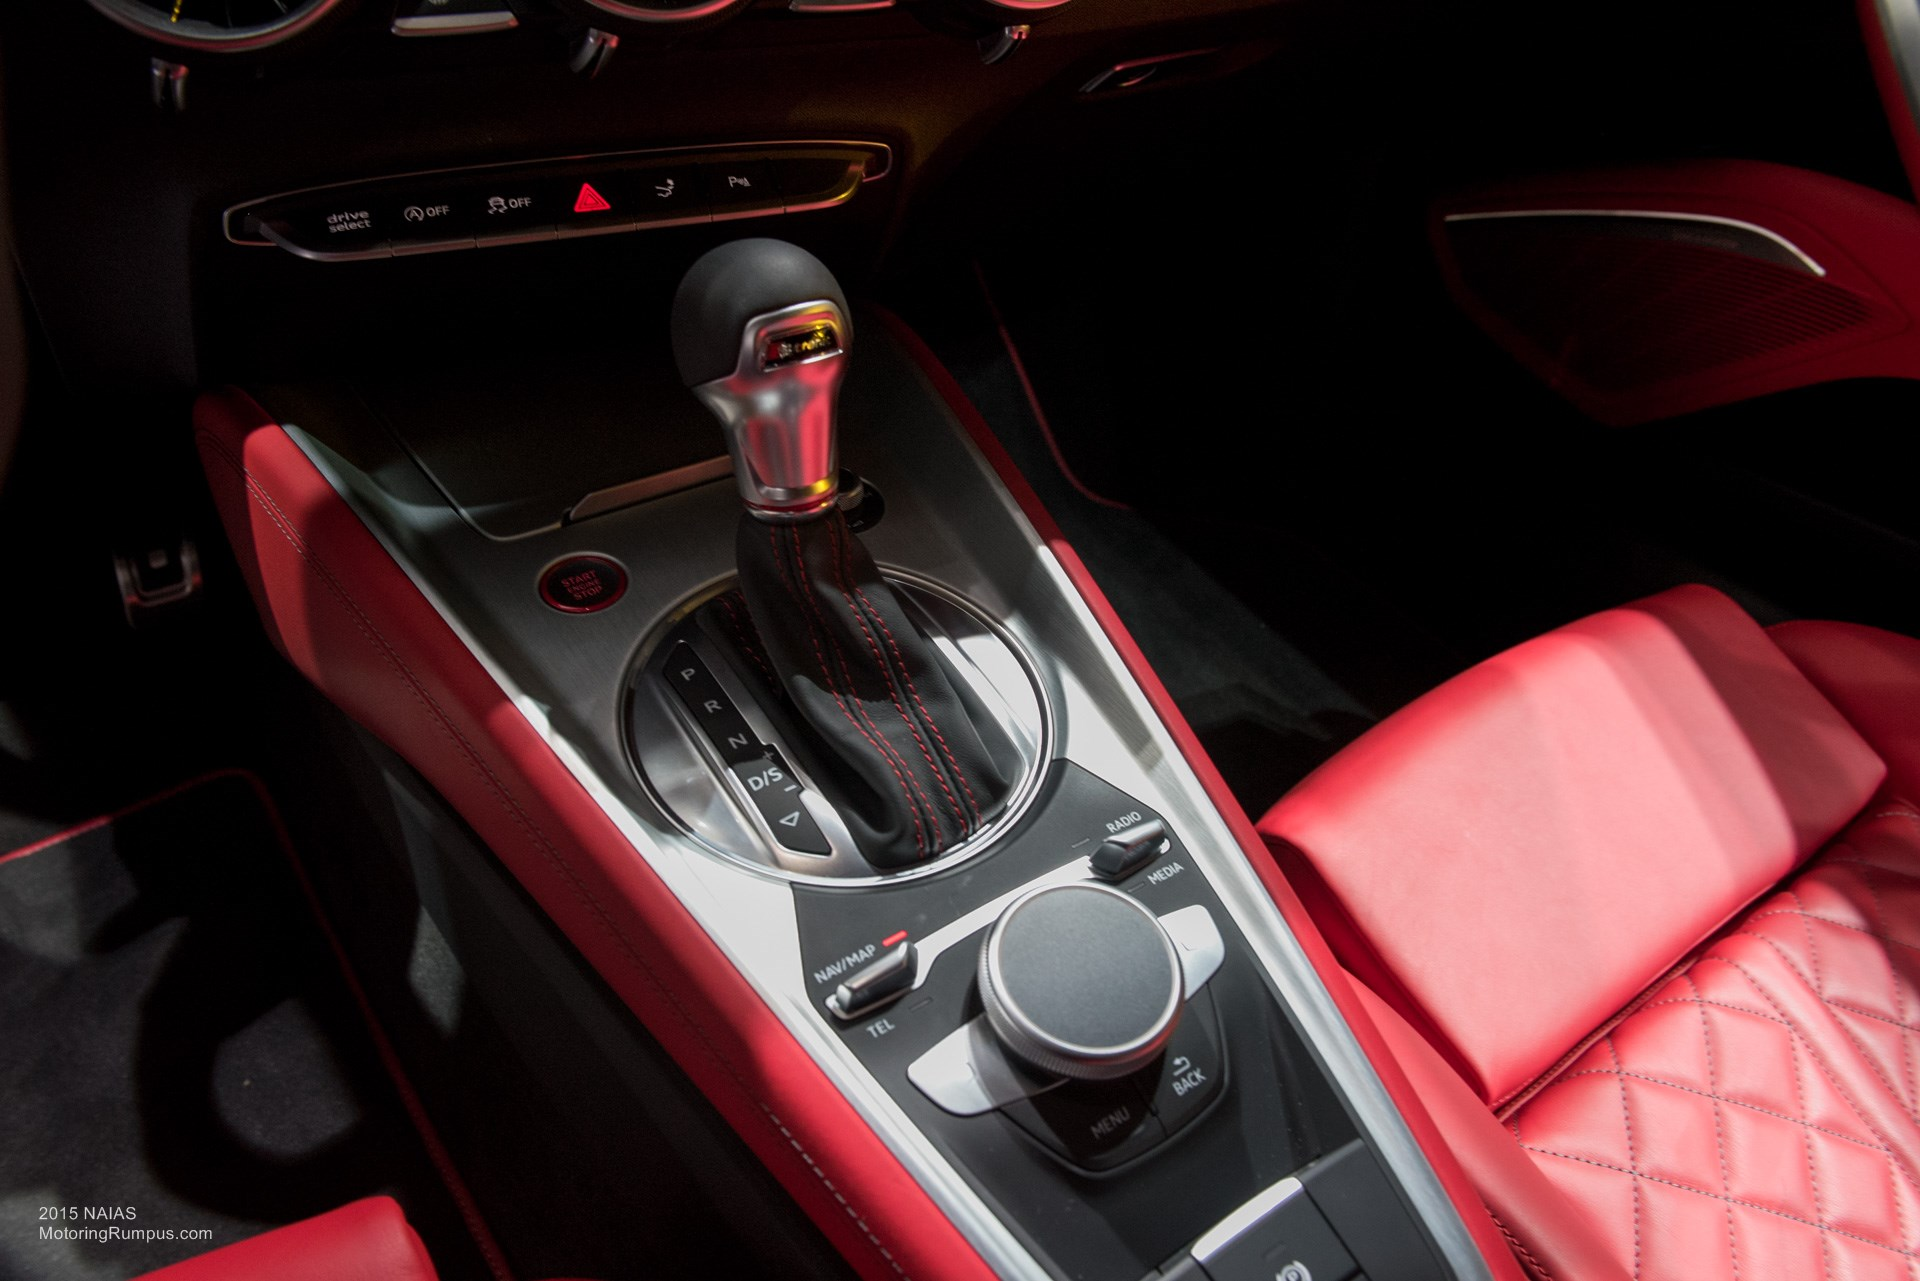 2015 NAIAS Audi TTS Center Console